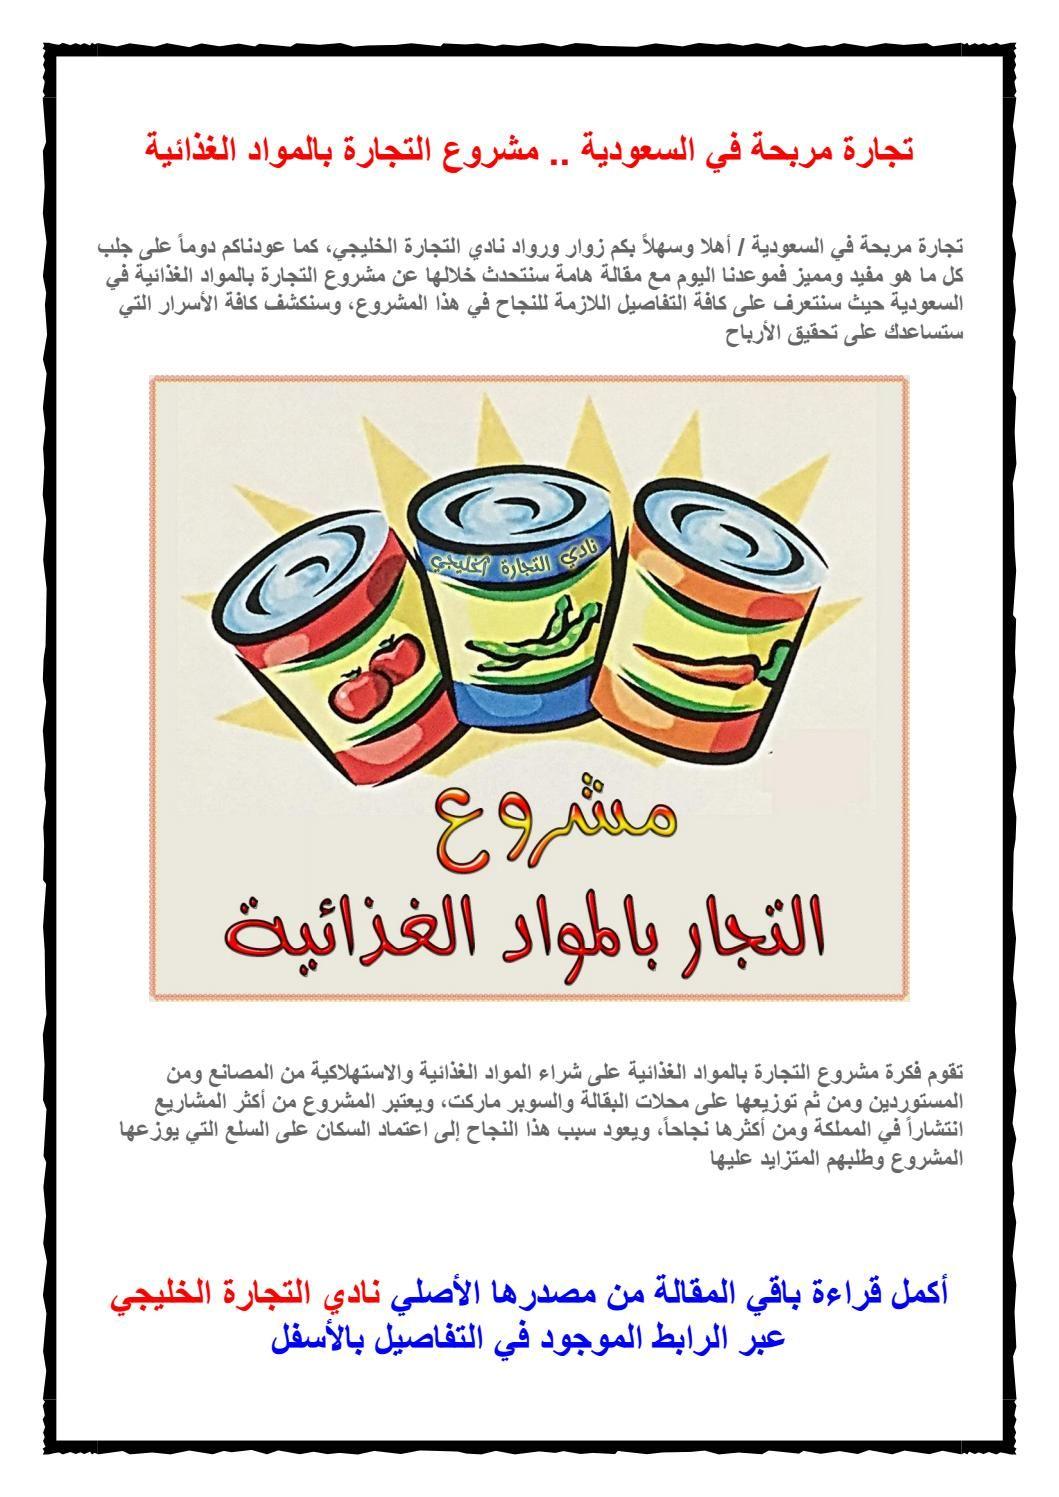 تجارة مربحة في السعودية مشروع التجارة بالمواد الغذائية Microsoft Word Document Microsoft Word Words